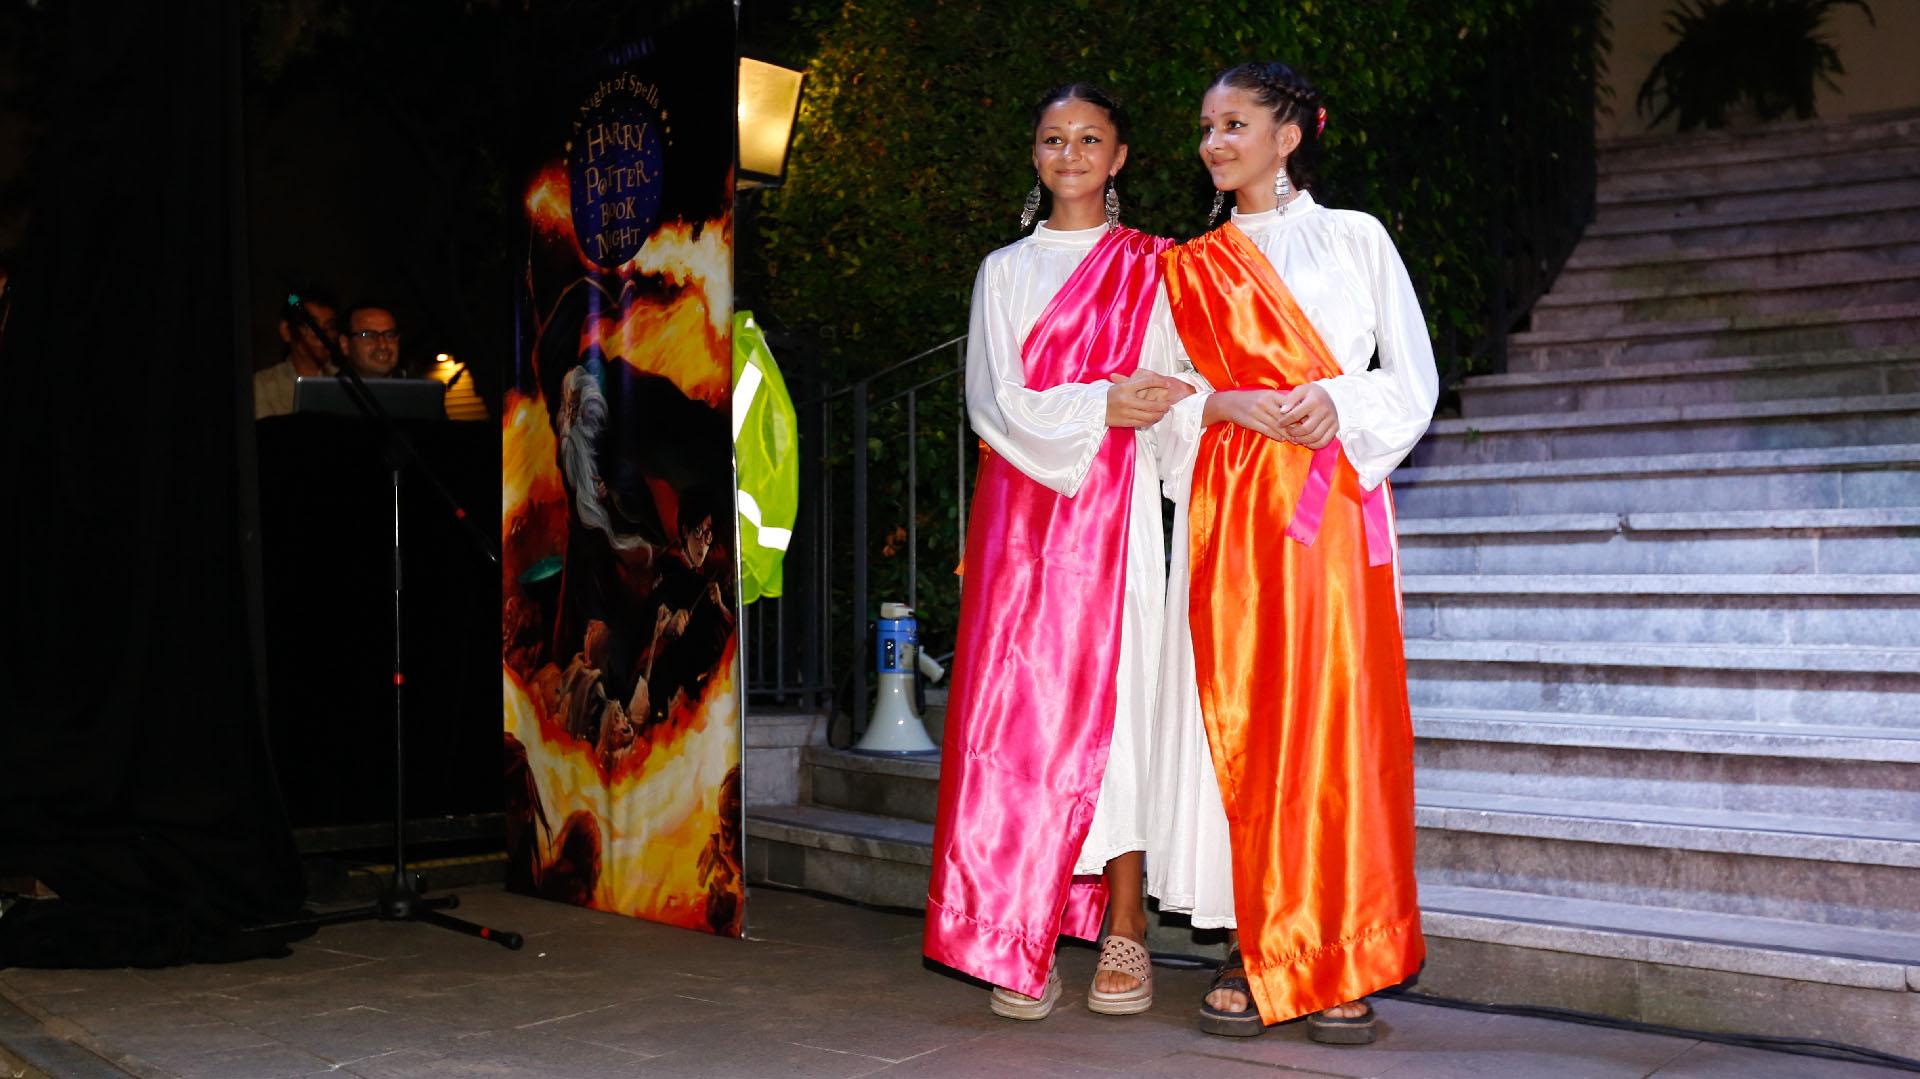 En el concurso de disfraces, unas gemelas simularon ser Parvati y Padma Patil y se llevaron una mención especial infantil